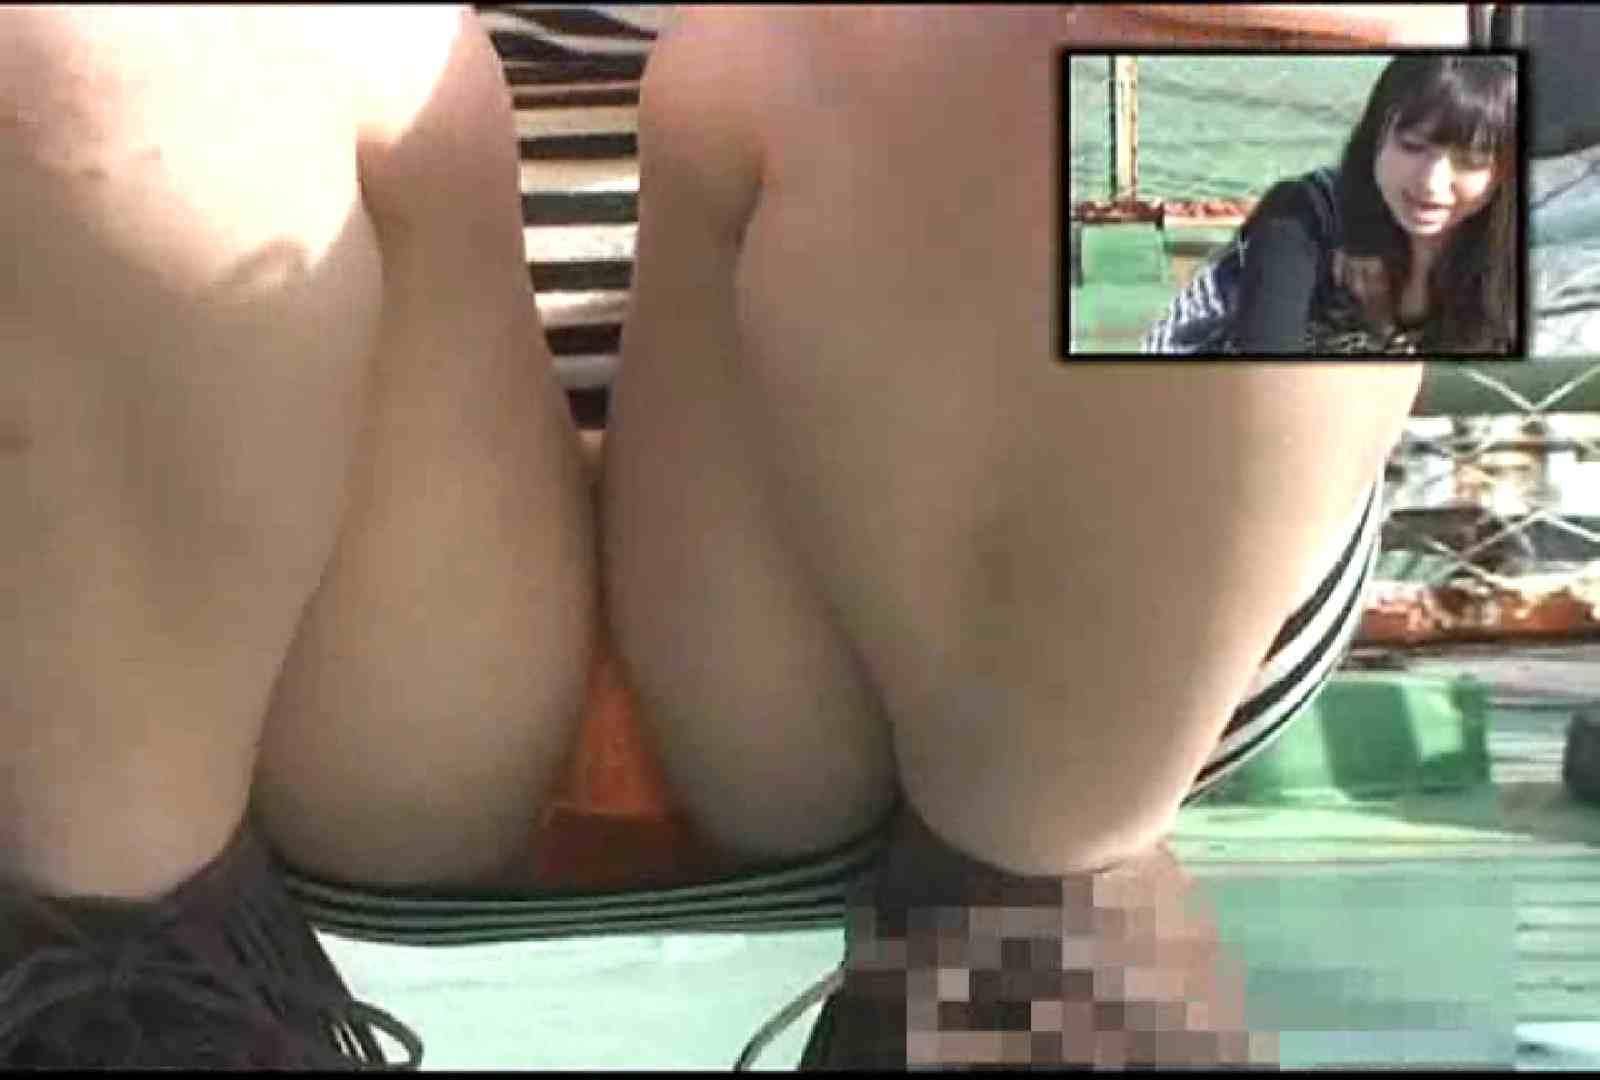 フリマのギャルパンVol.8 エロティックなOL セックス画像 86画像 35